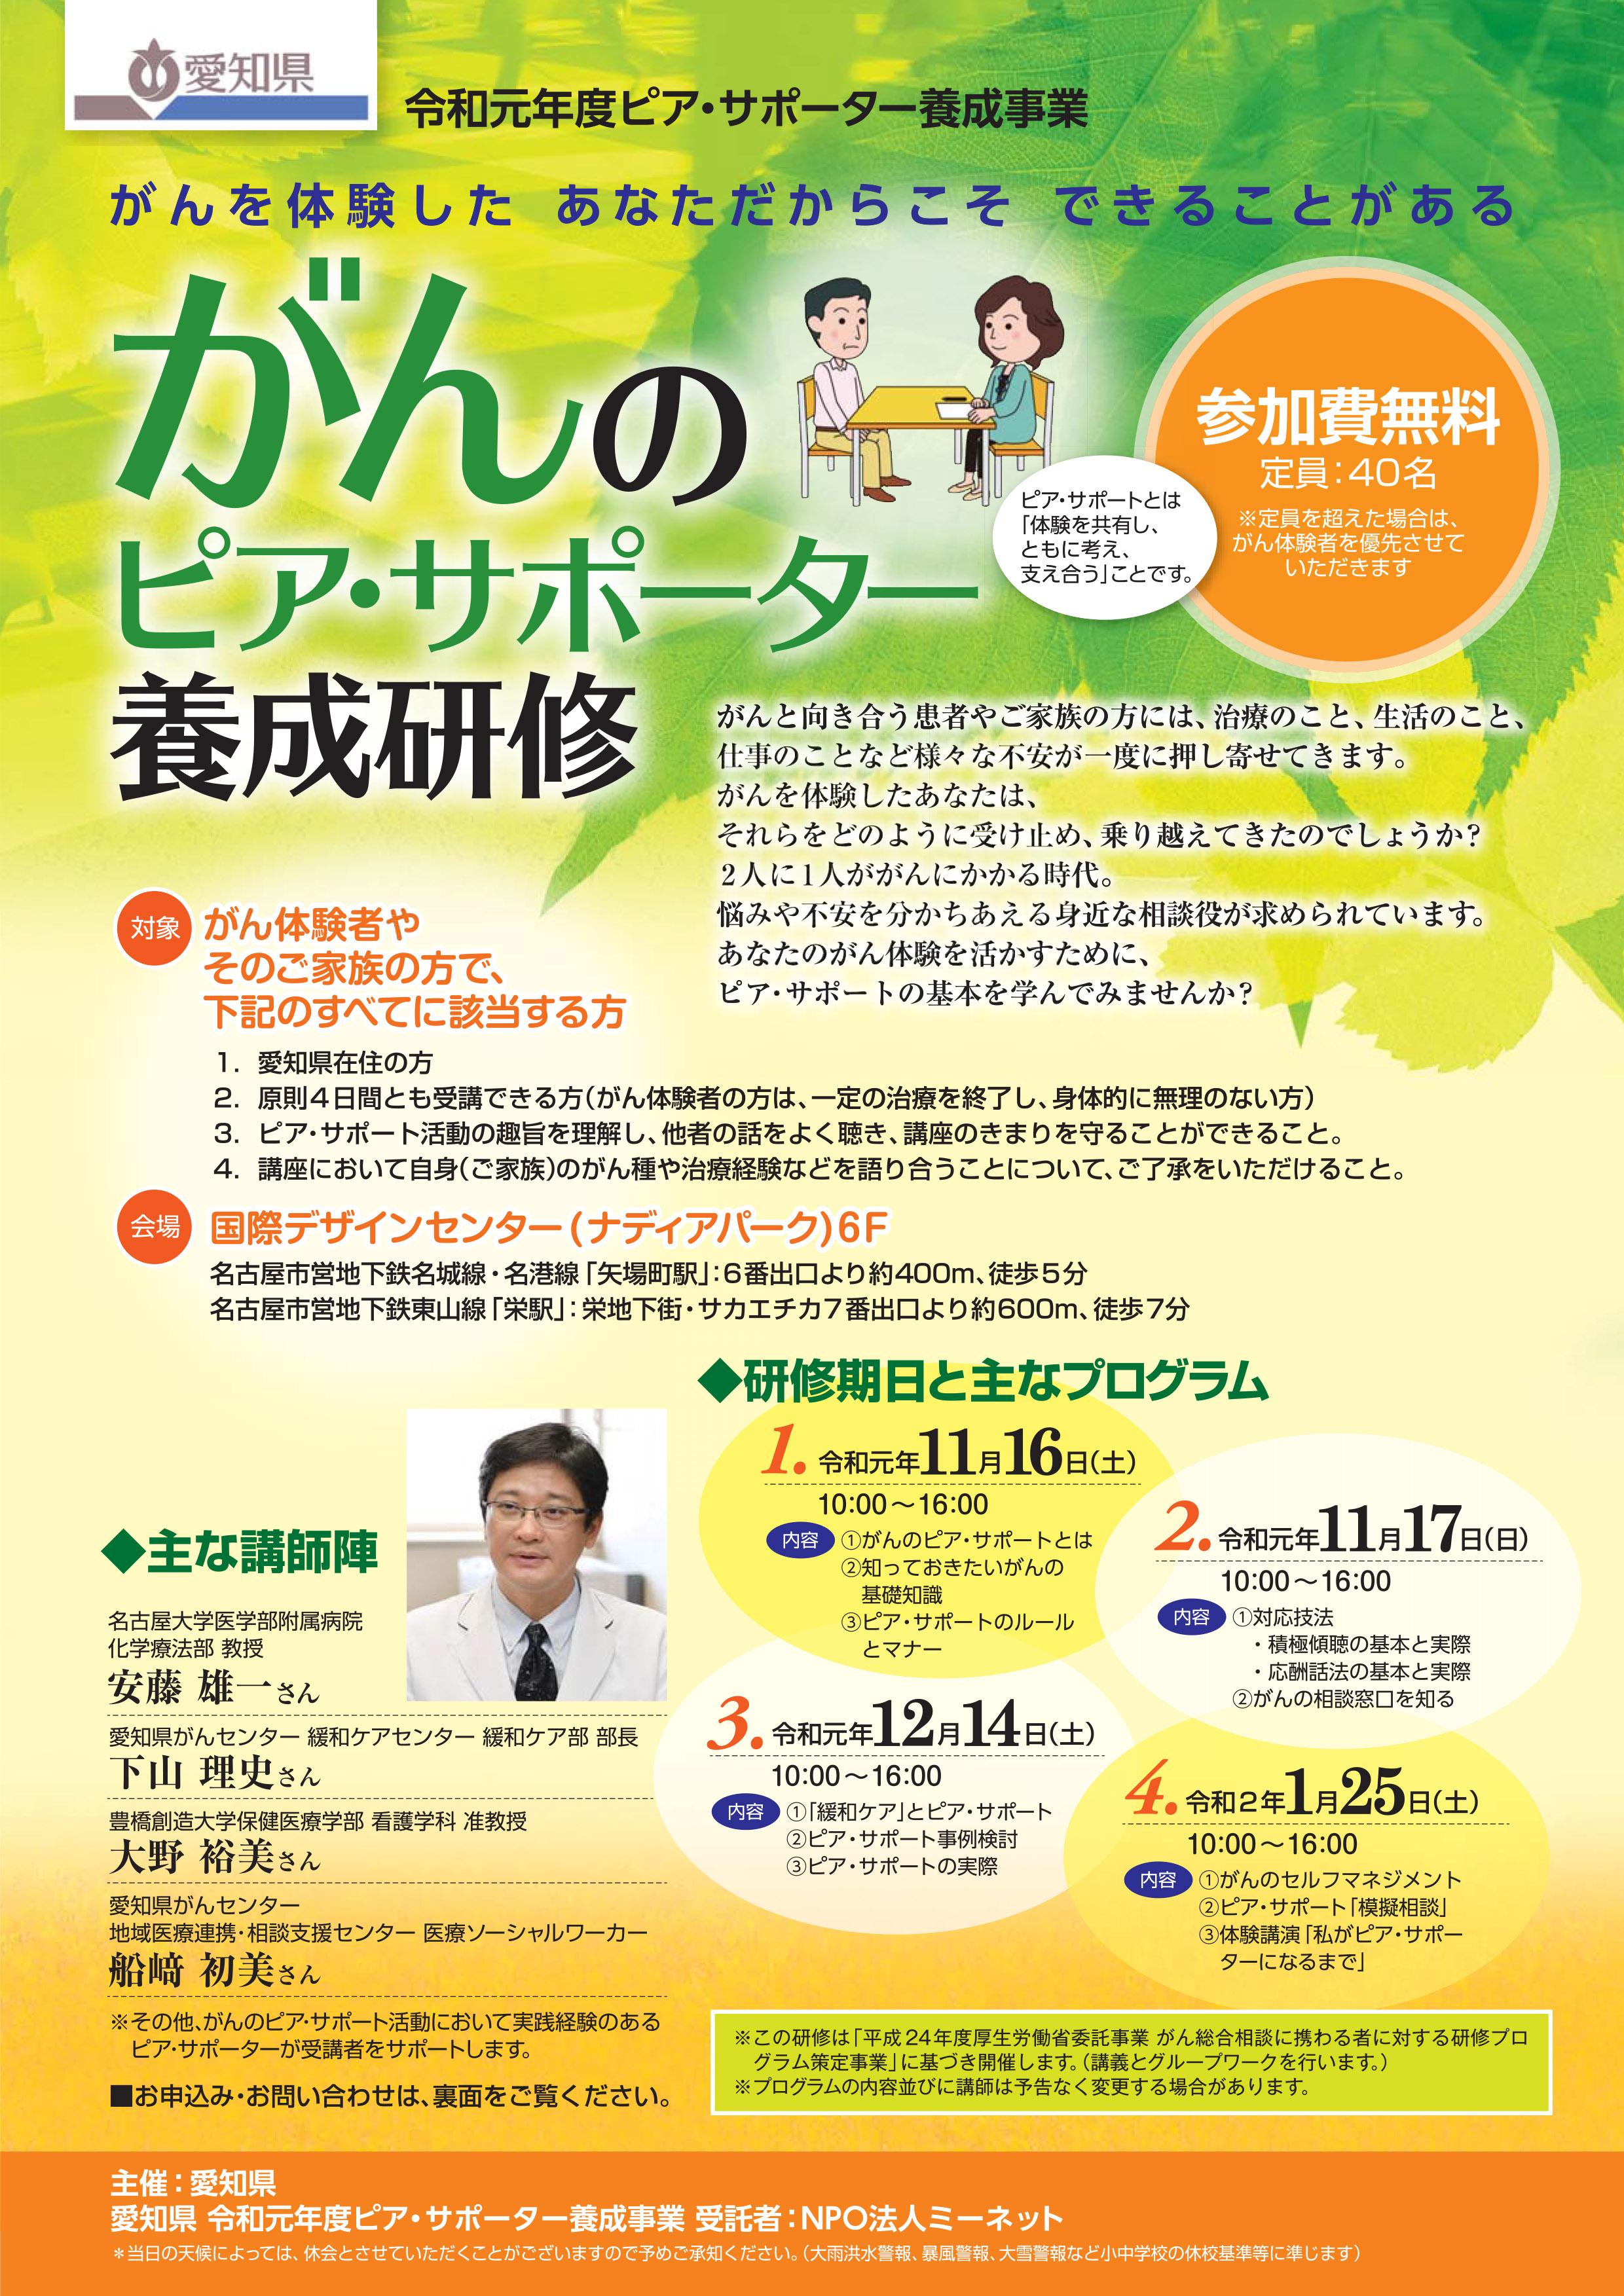 がんのピア・サポーター養成研修